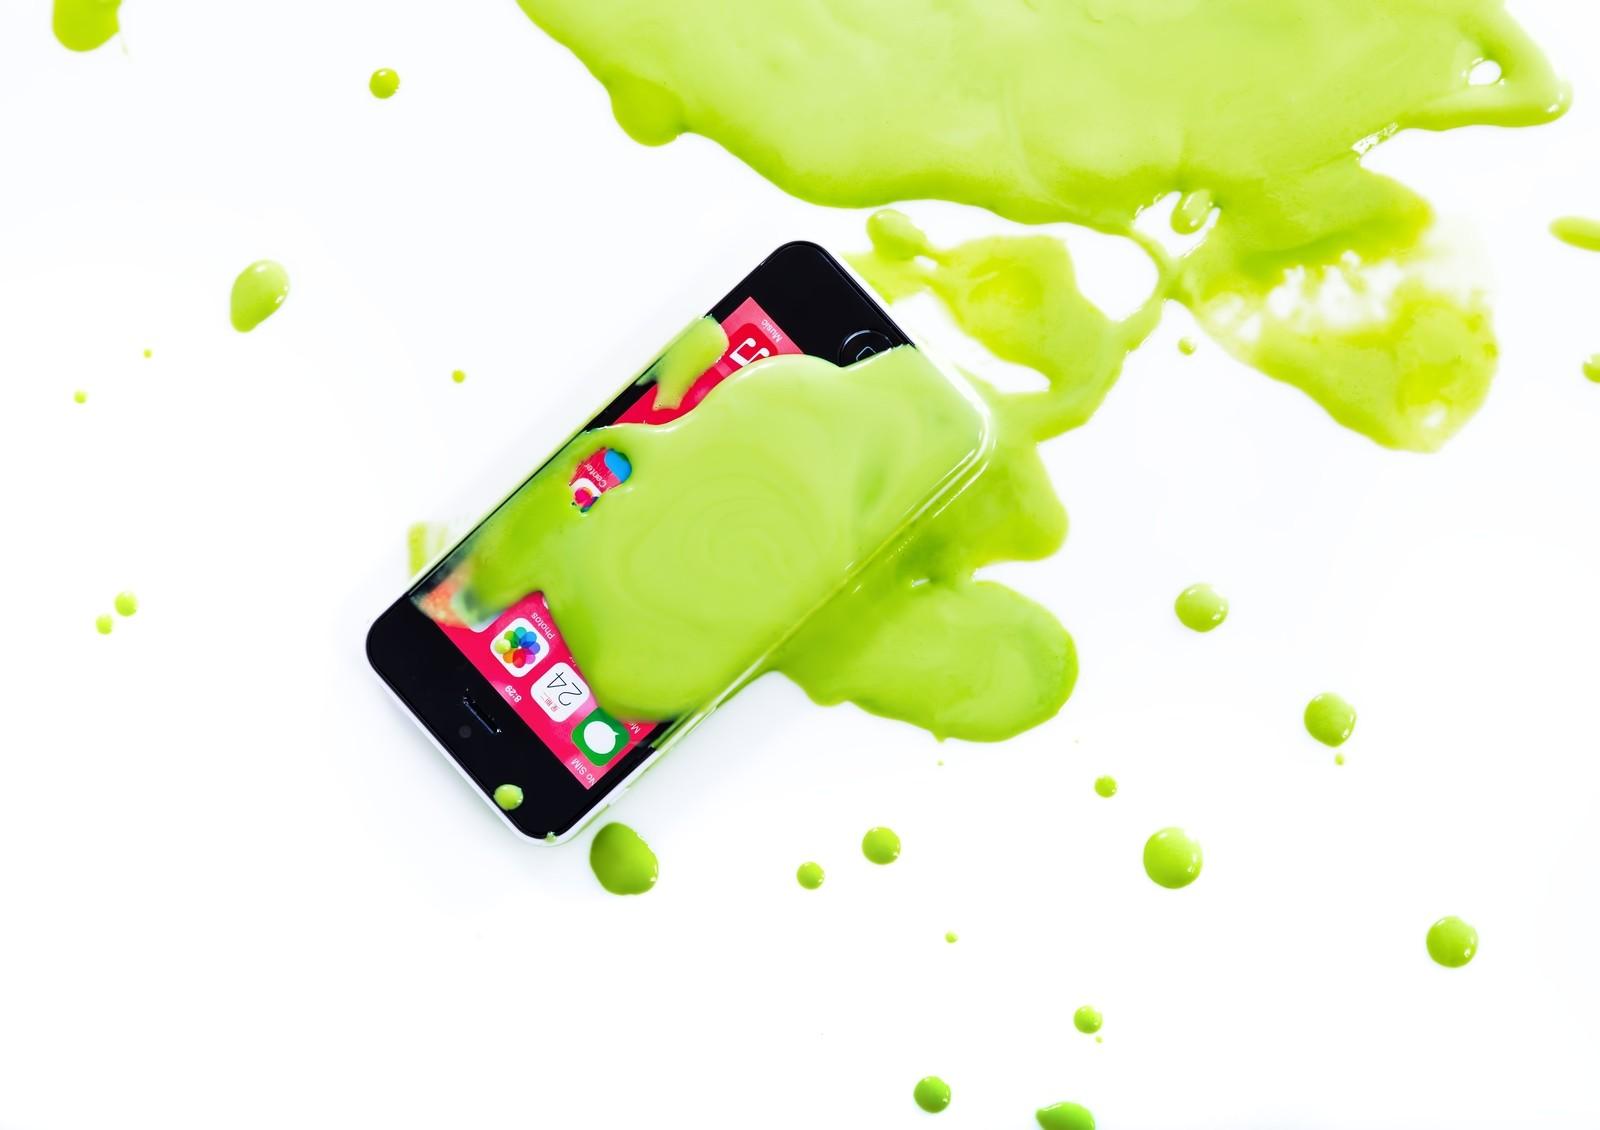 【終了しました:8/2・3会社説明会】ソニー、楽天、ナビタイム…家電やアプリ好きにオススメの会社!